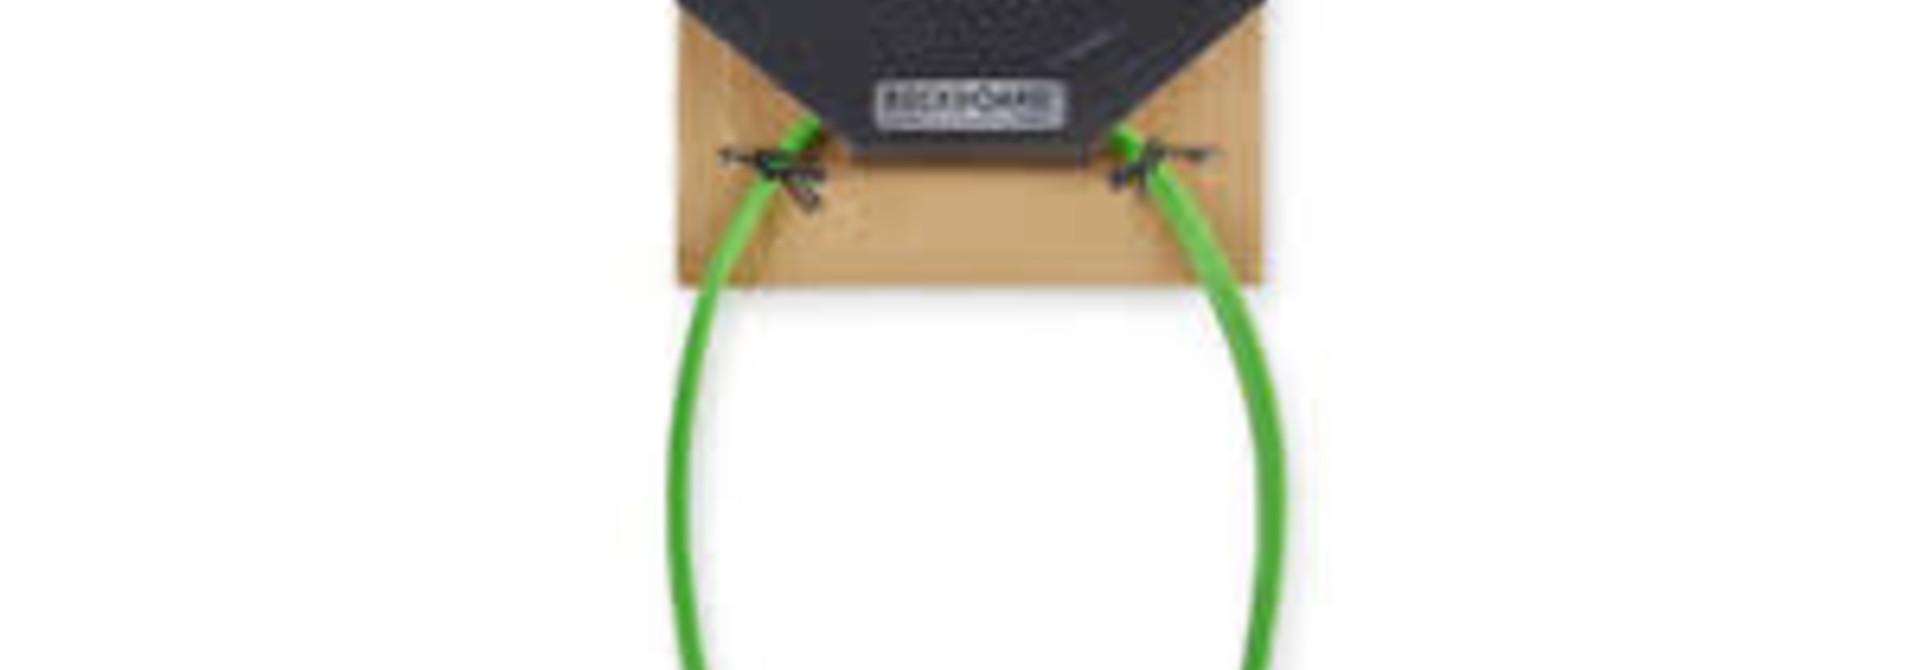 """RockBoard Flat Midi Cable 11 13/16"""" (Green)"""